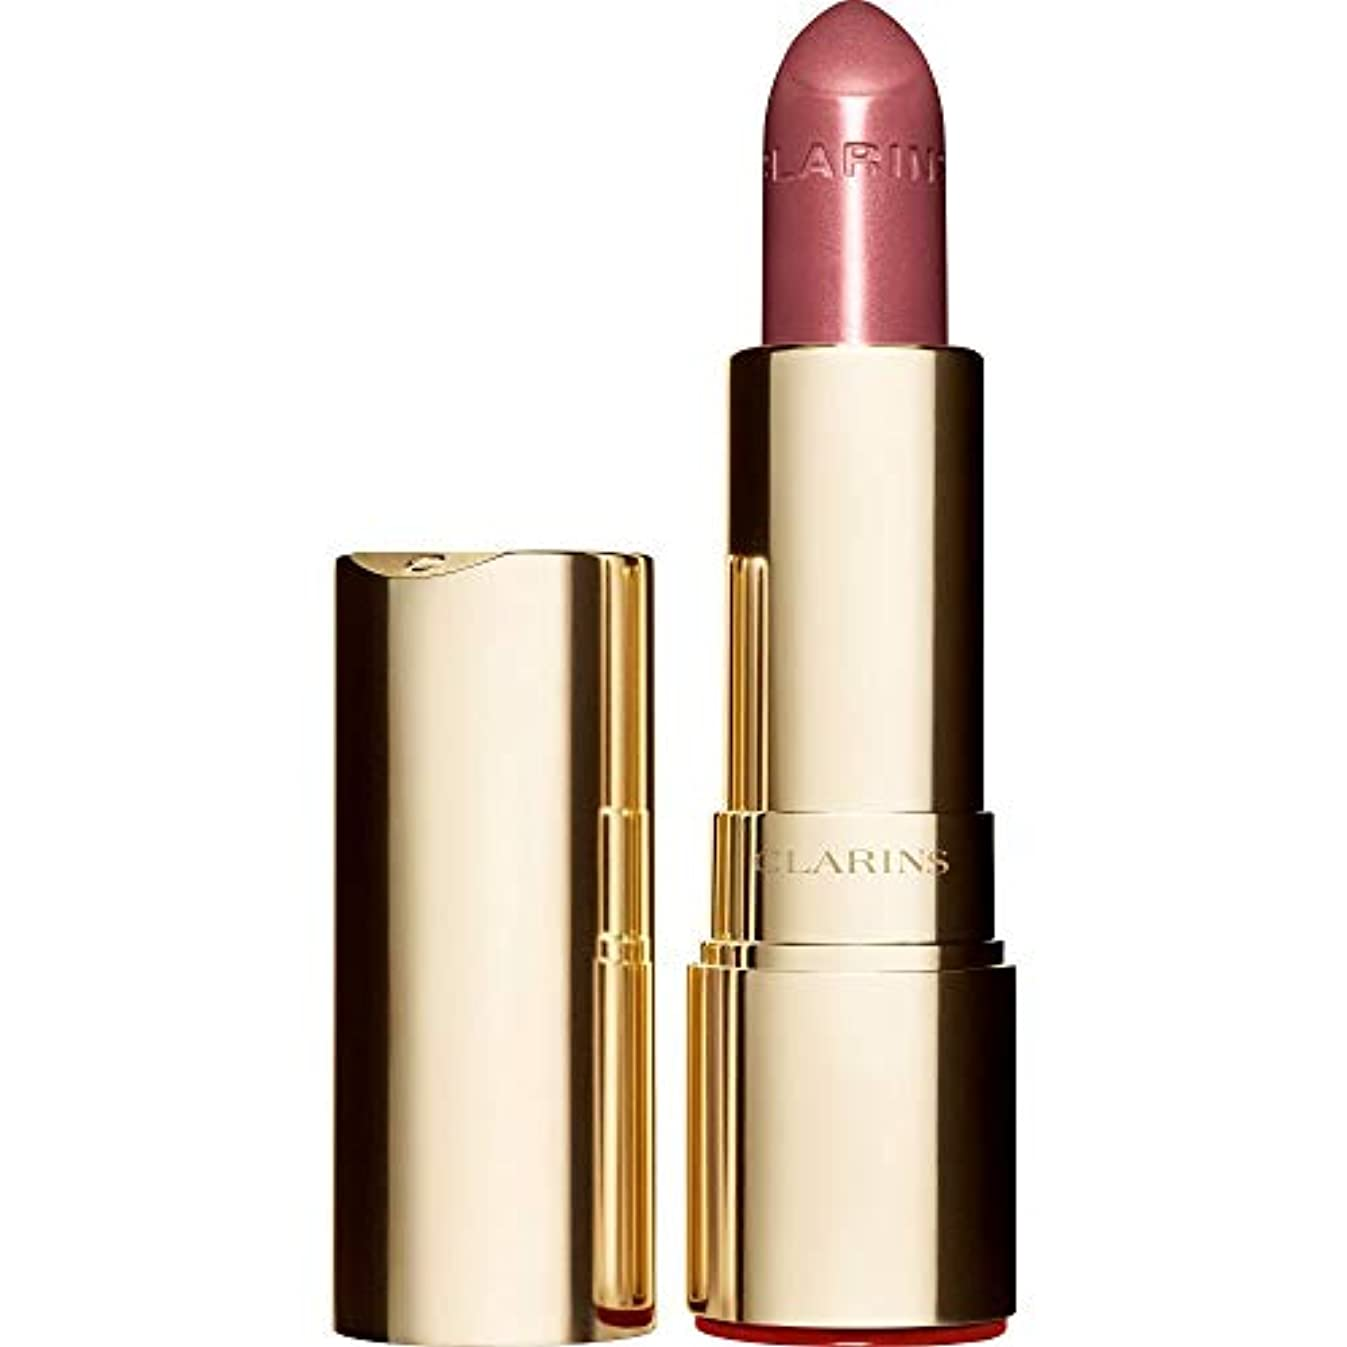 チャネル水素立方体[Clarins ] クラランスジョリルージュブリリアント口紅3.5グラムの731Sは、 - ベリーローズ - Clarins Joli Rouge Brillant Lipstick 3.5g 731S - Rose...